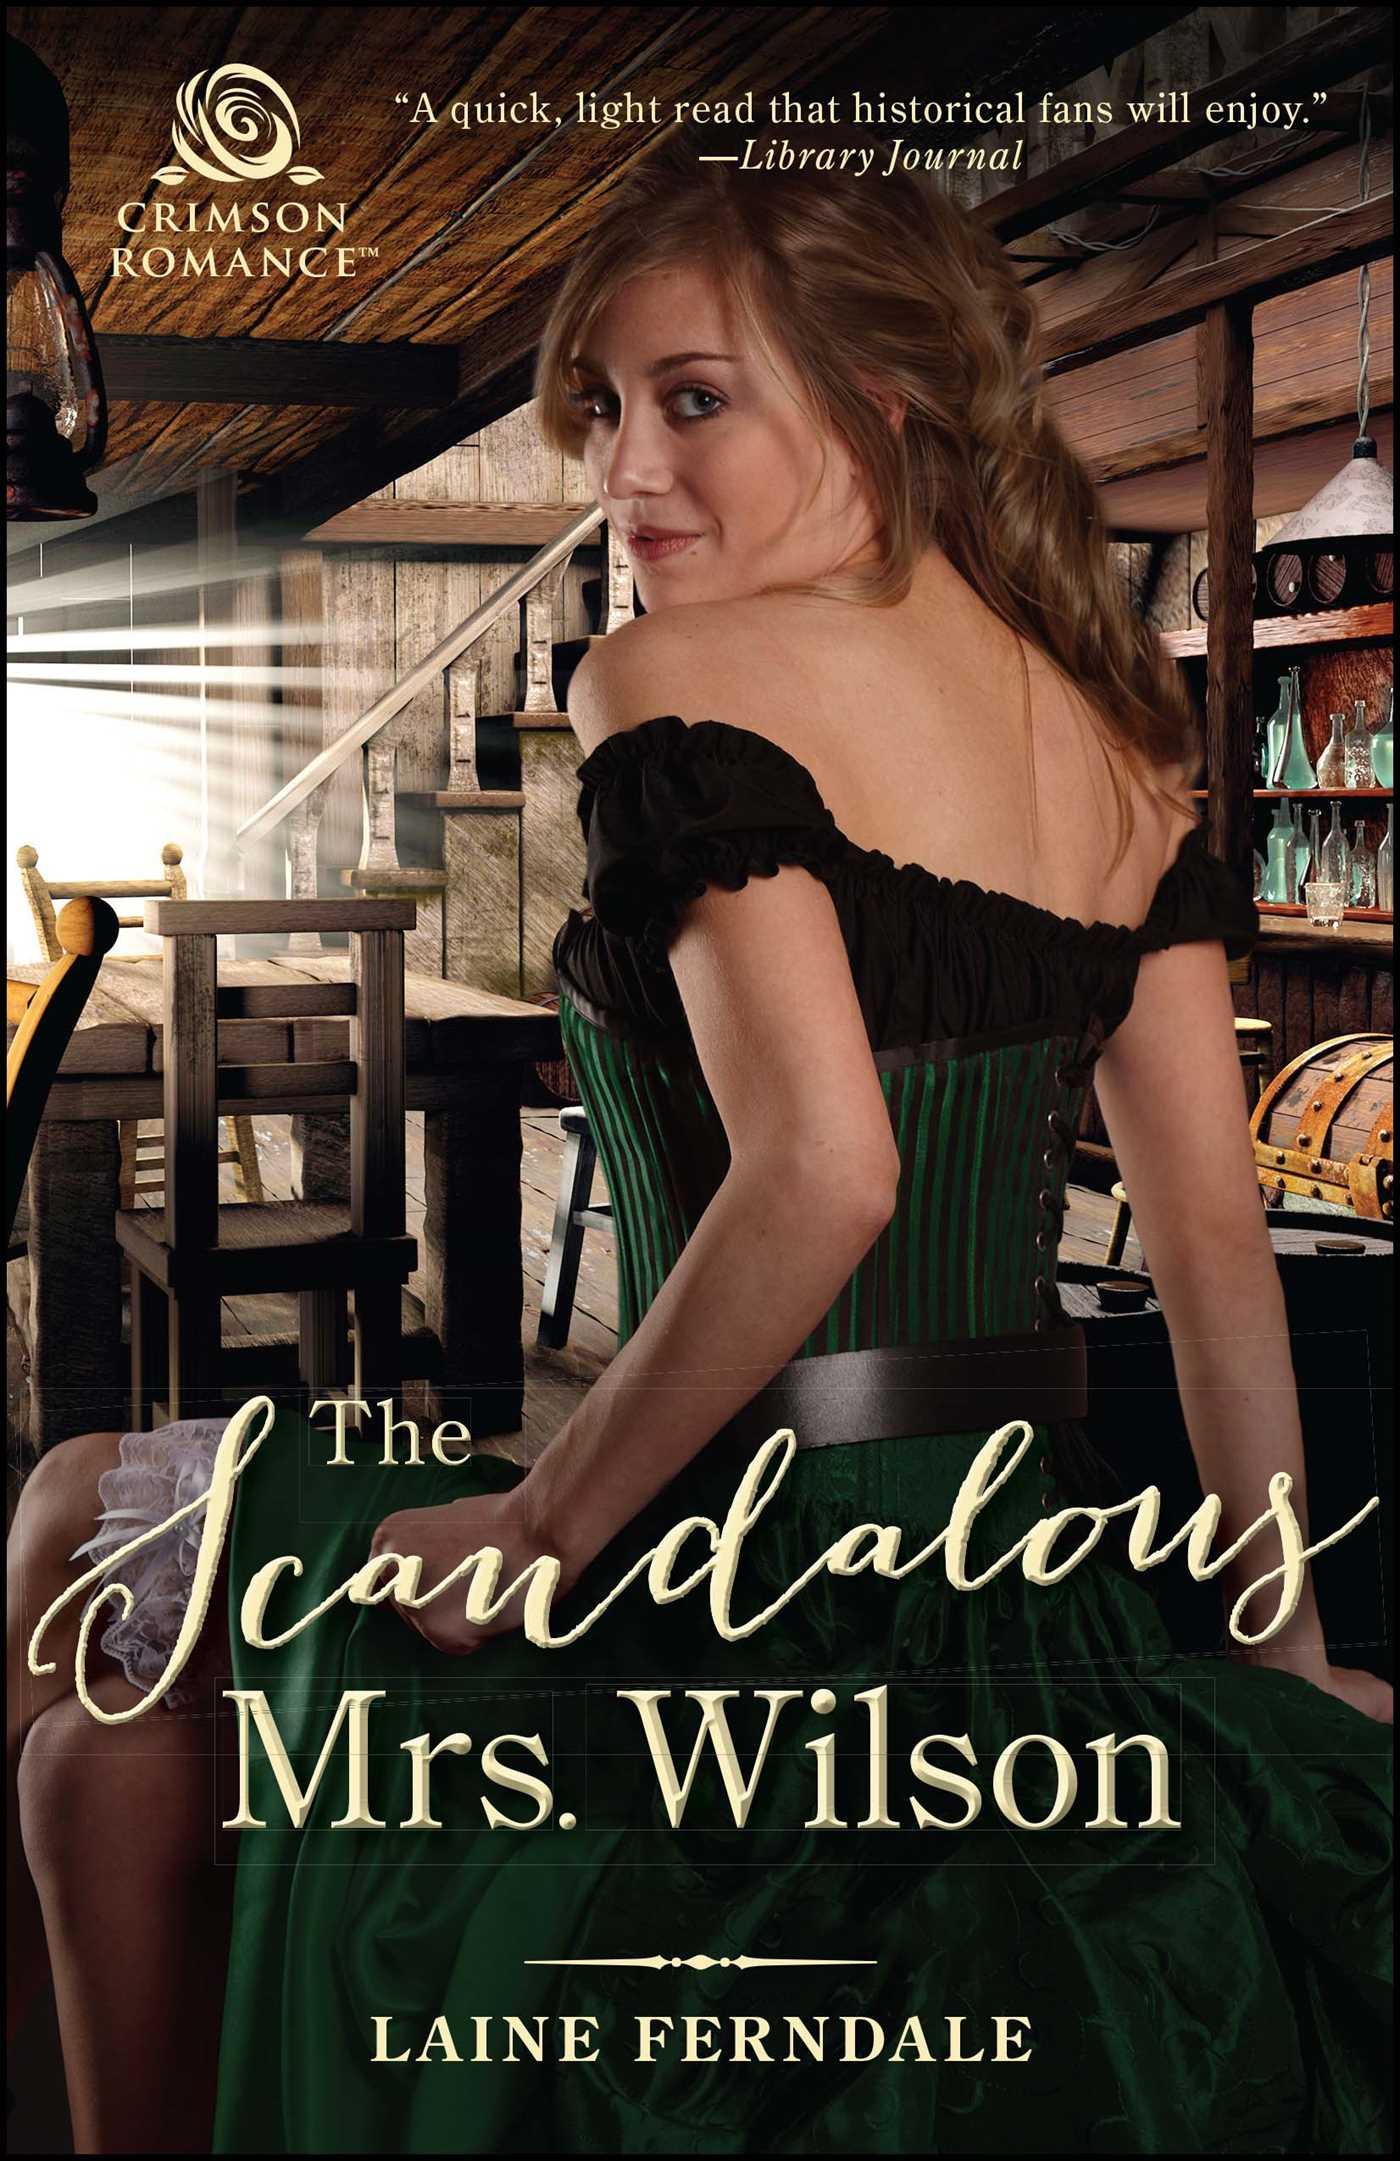 The scandalous mrs wilson 9781507206249 hr